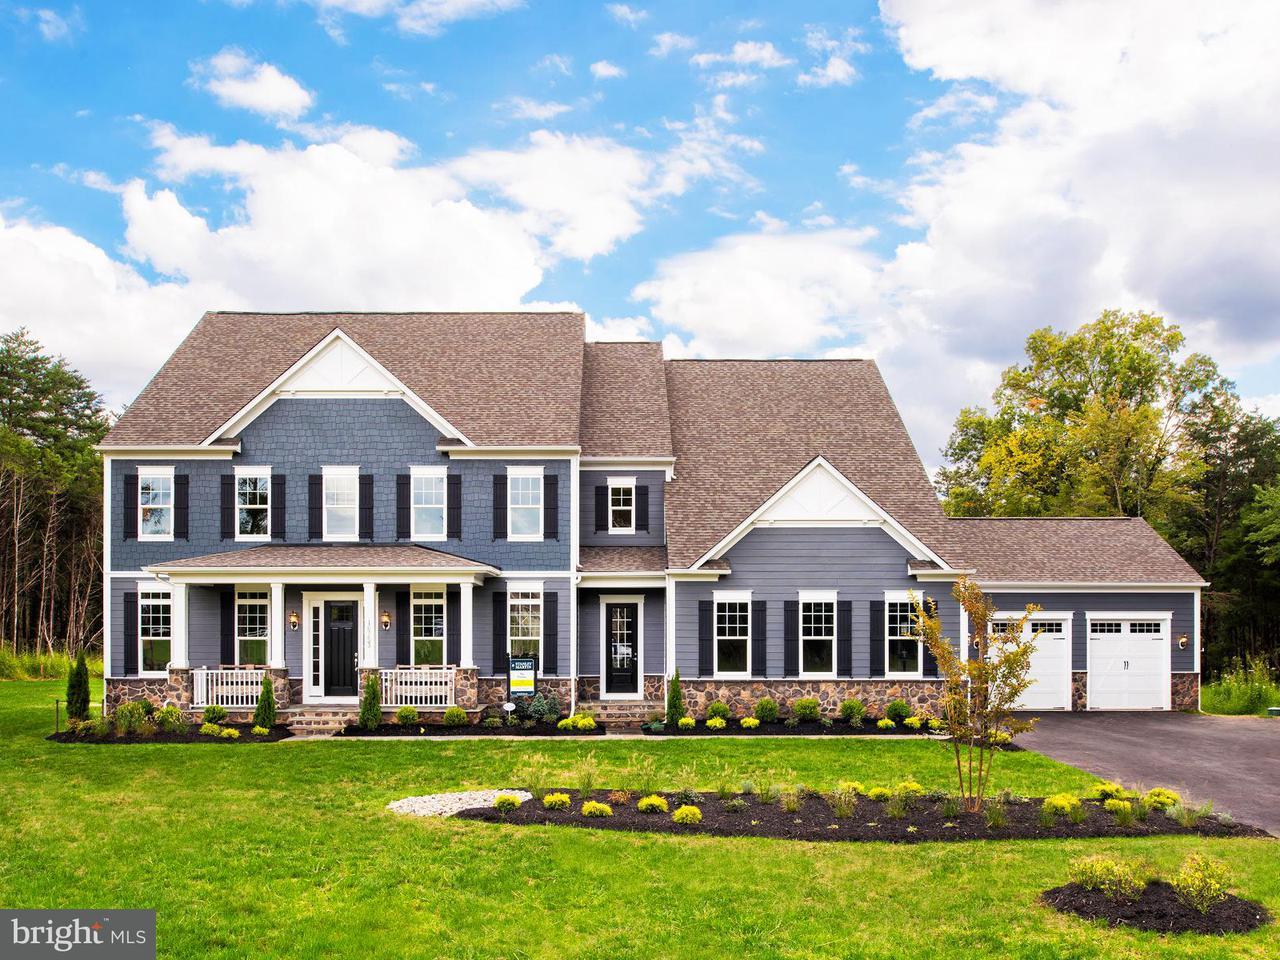 Casa Unifamiliar por un Venta en 16753 Lord Sudley Drive 16753 Lord Sudley Drive Centreville, Virginia 20120 Estados Unidos